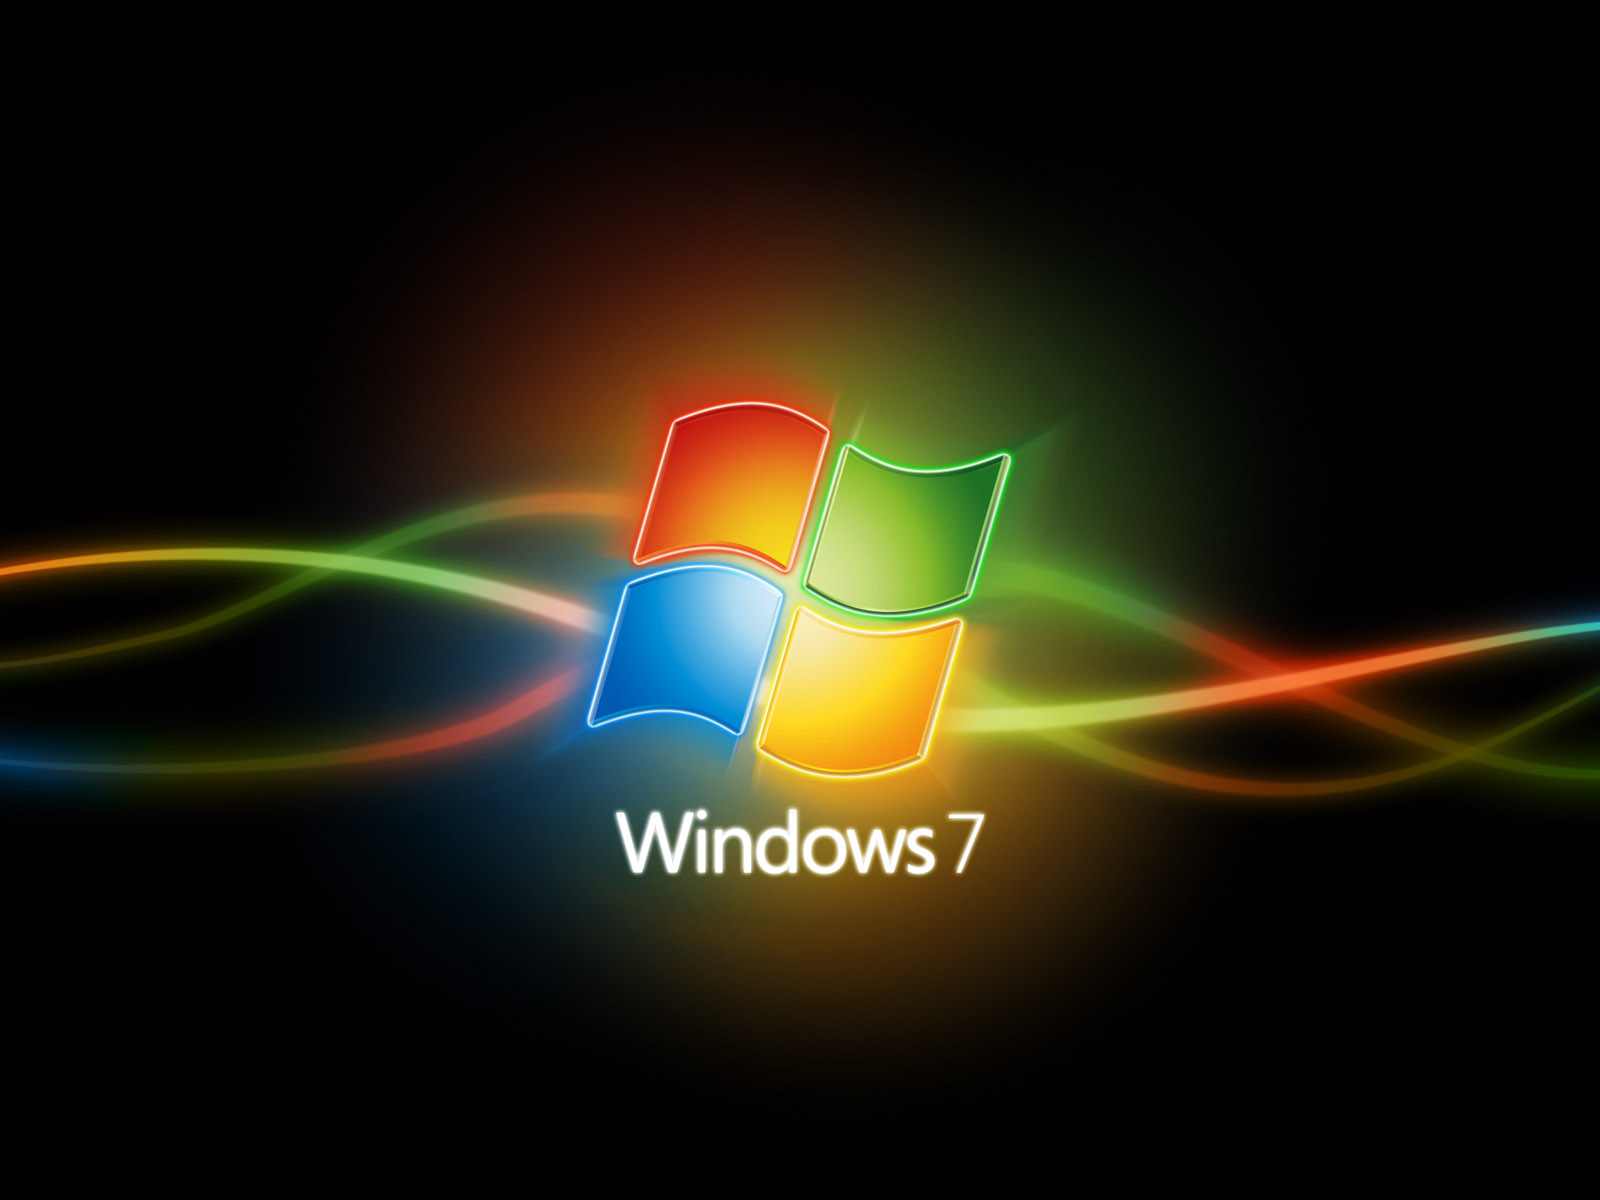 Какие службы Windows 7 можно отключить, чтобы ускорить работу компьютера?